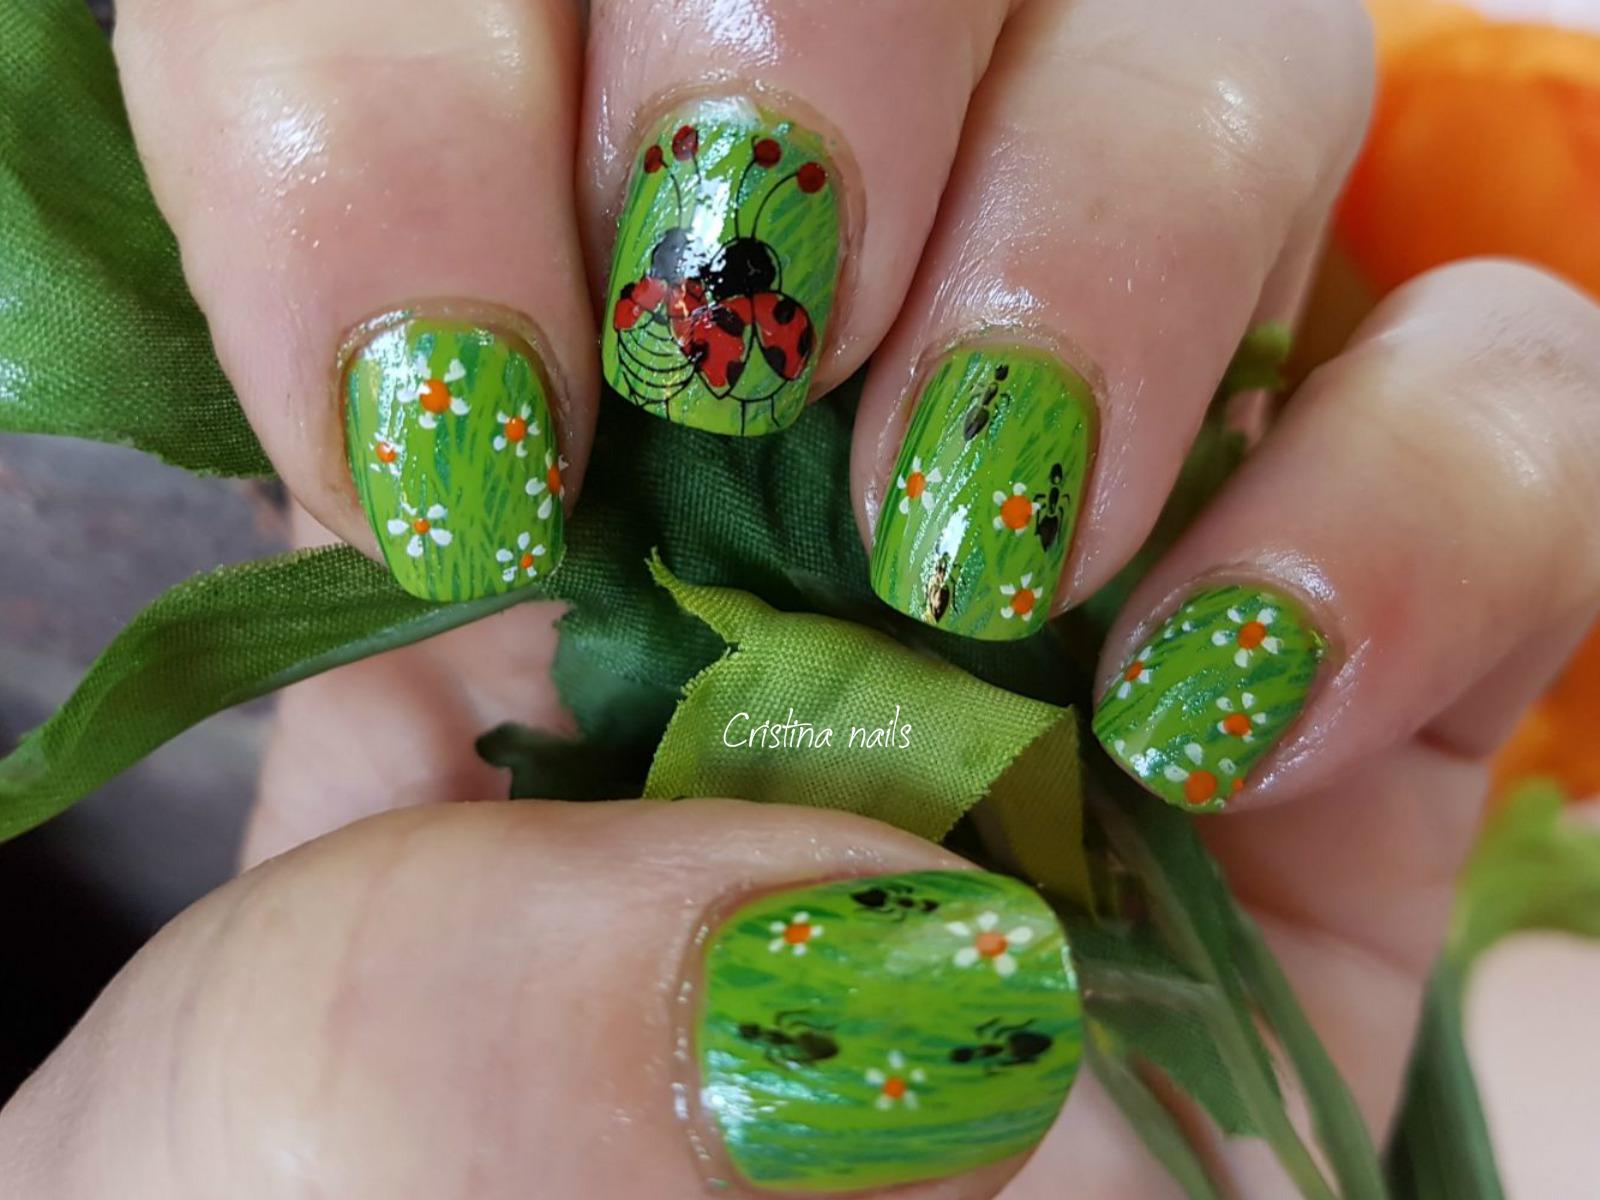 Encantador Diseños De Uñas Mariquita Cresta - Ideas Para Pintar Uñas ...